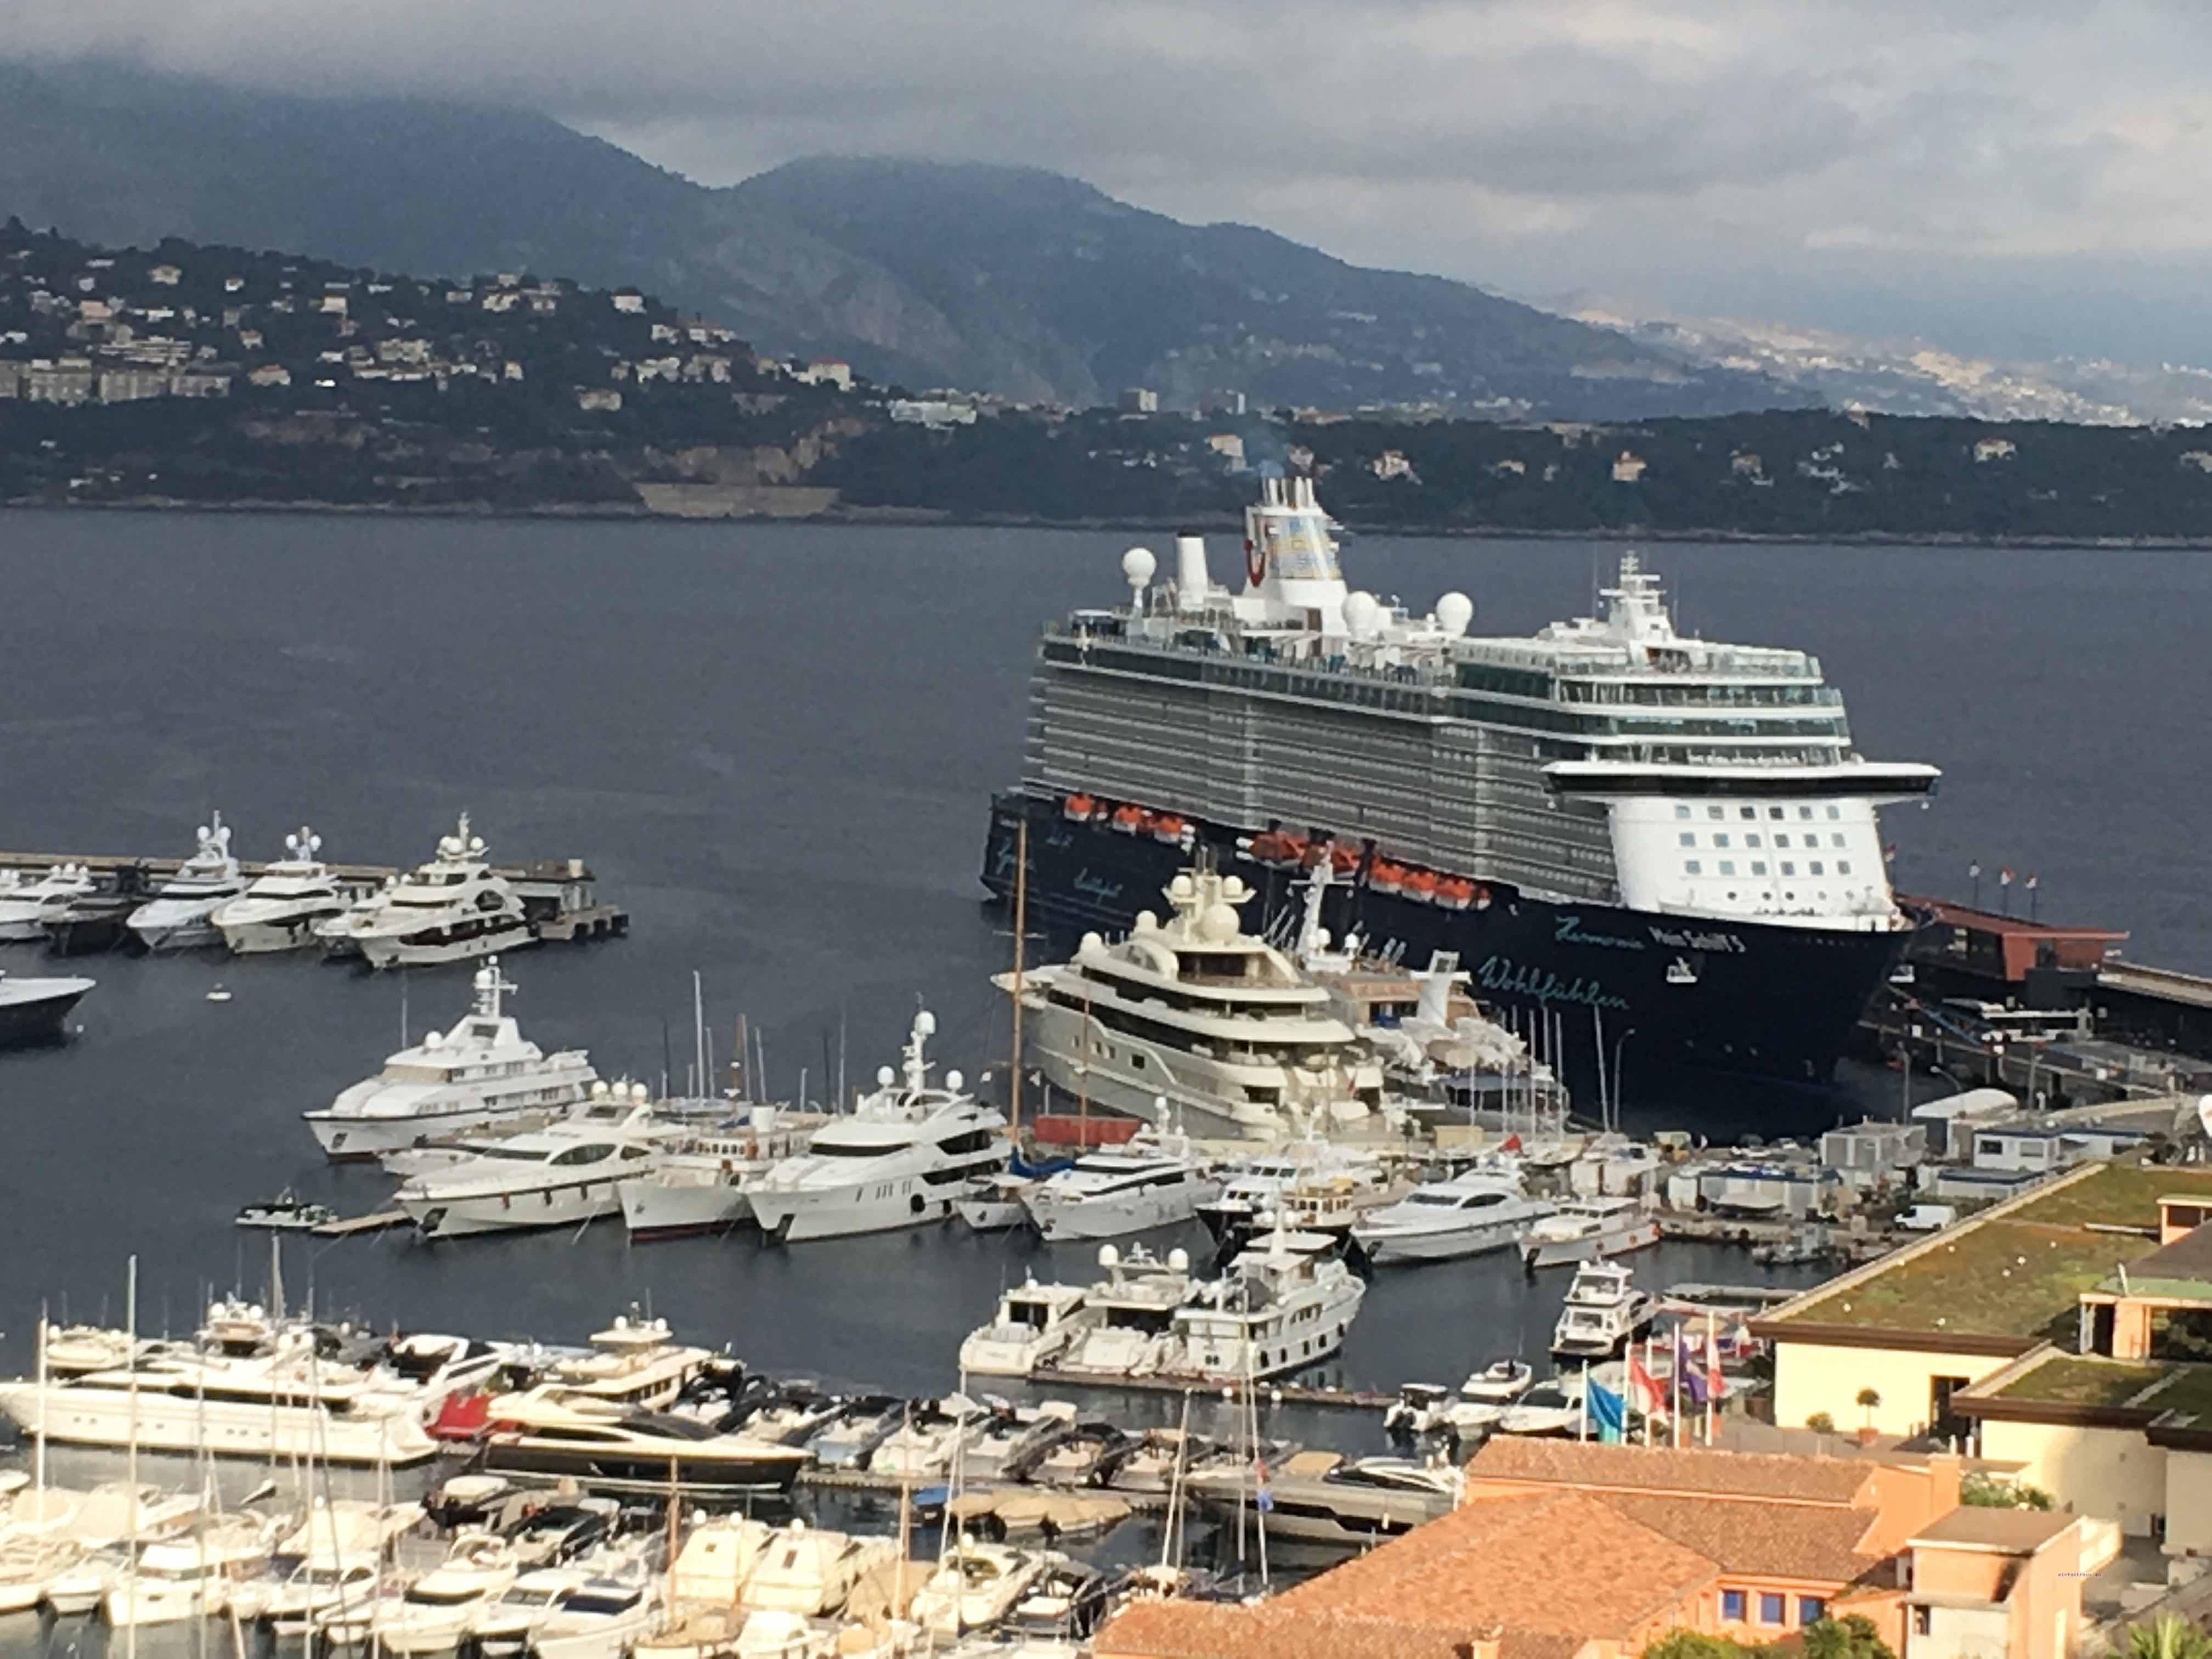 Blick auf den Hafen von Monaco mit der neuen Mein Schiff 5 von Tui Cruises, Foto: Weirauch